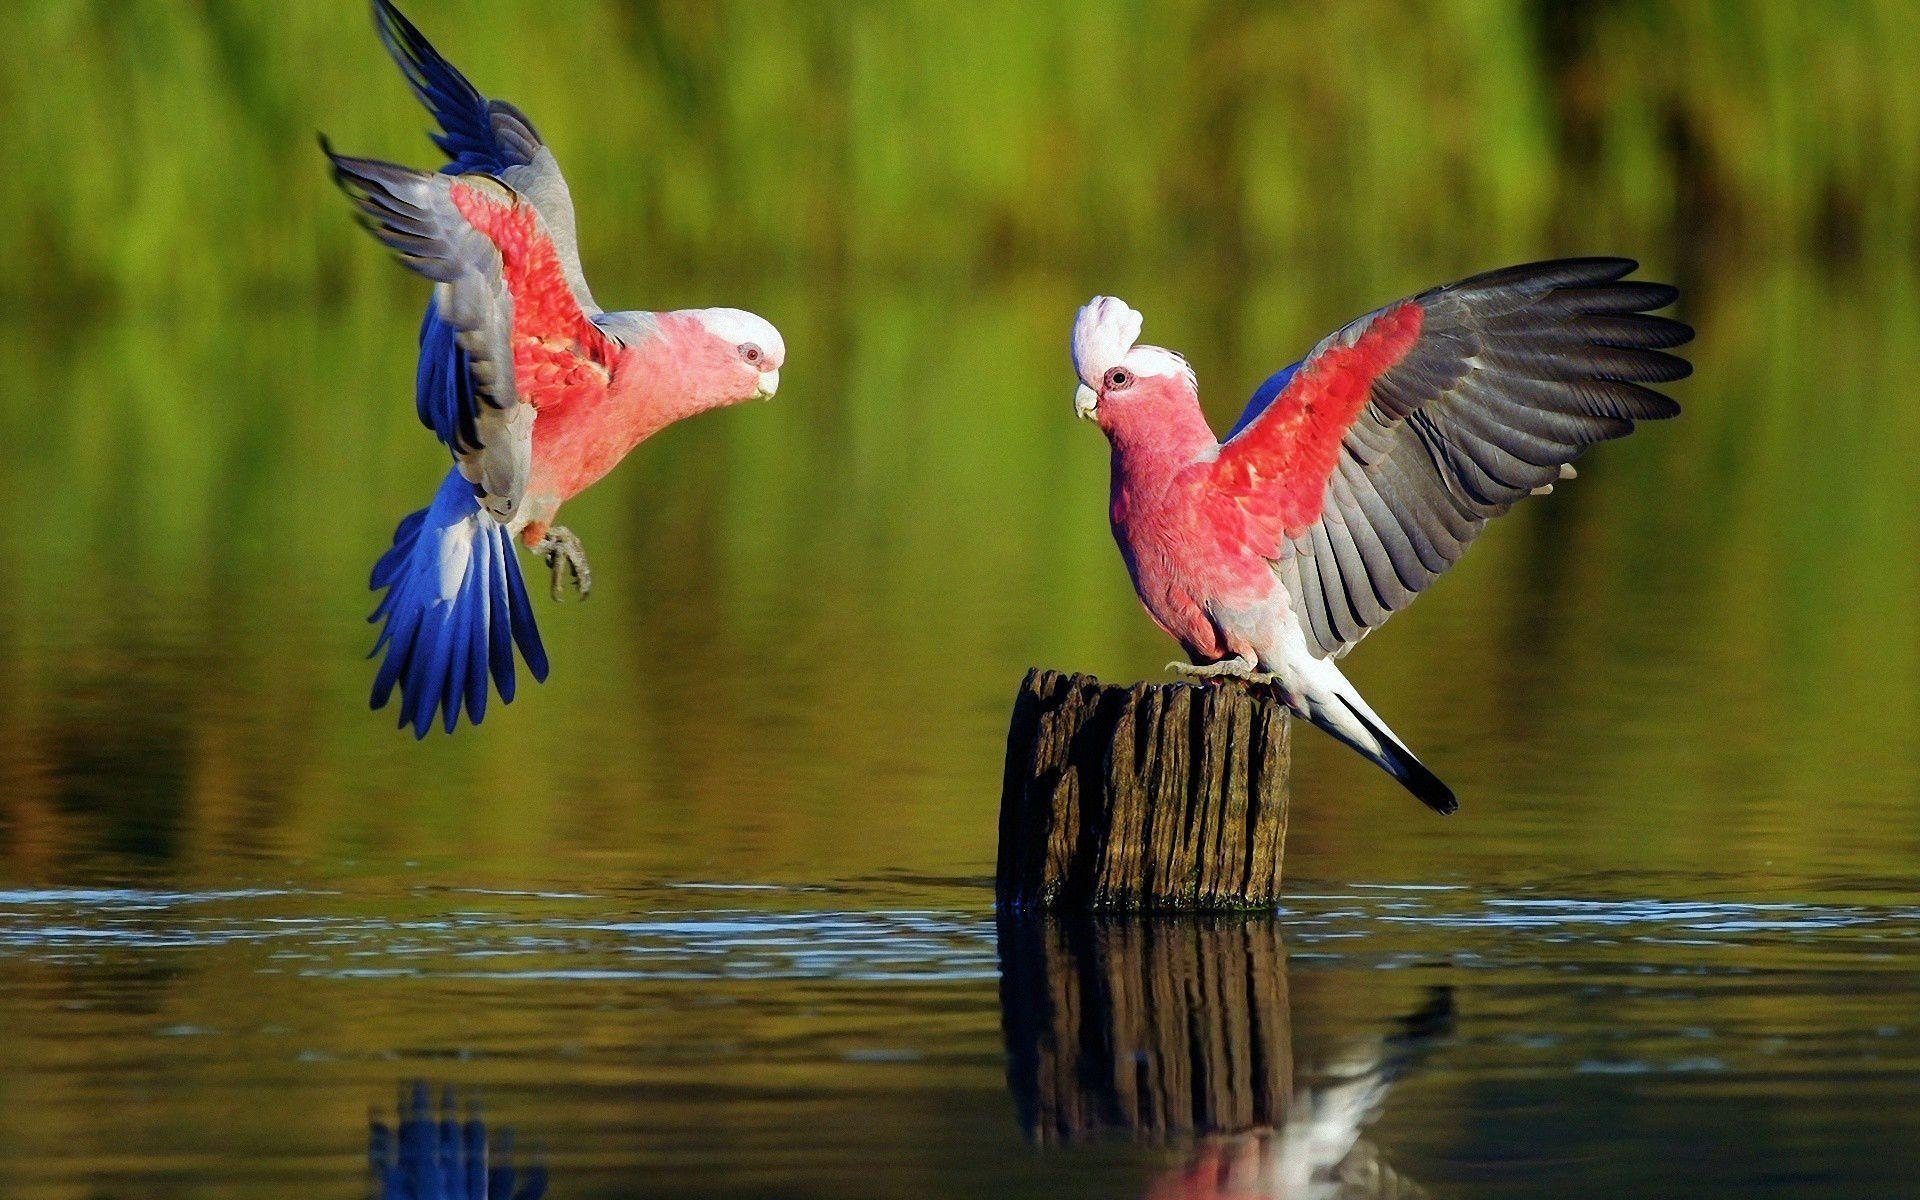 Parrot Wallpapers Hd Wallpapers Inn Animals Pet Birds Beautiful Birds